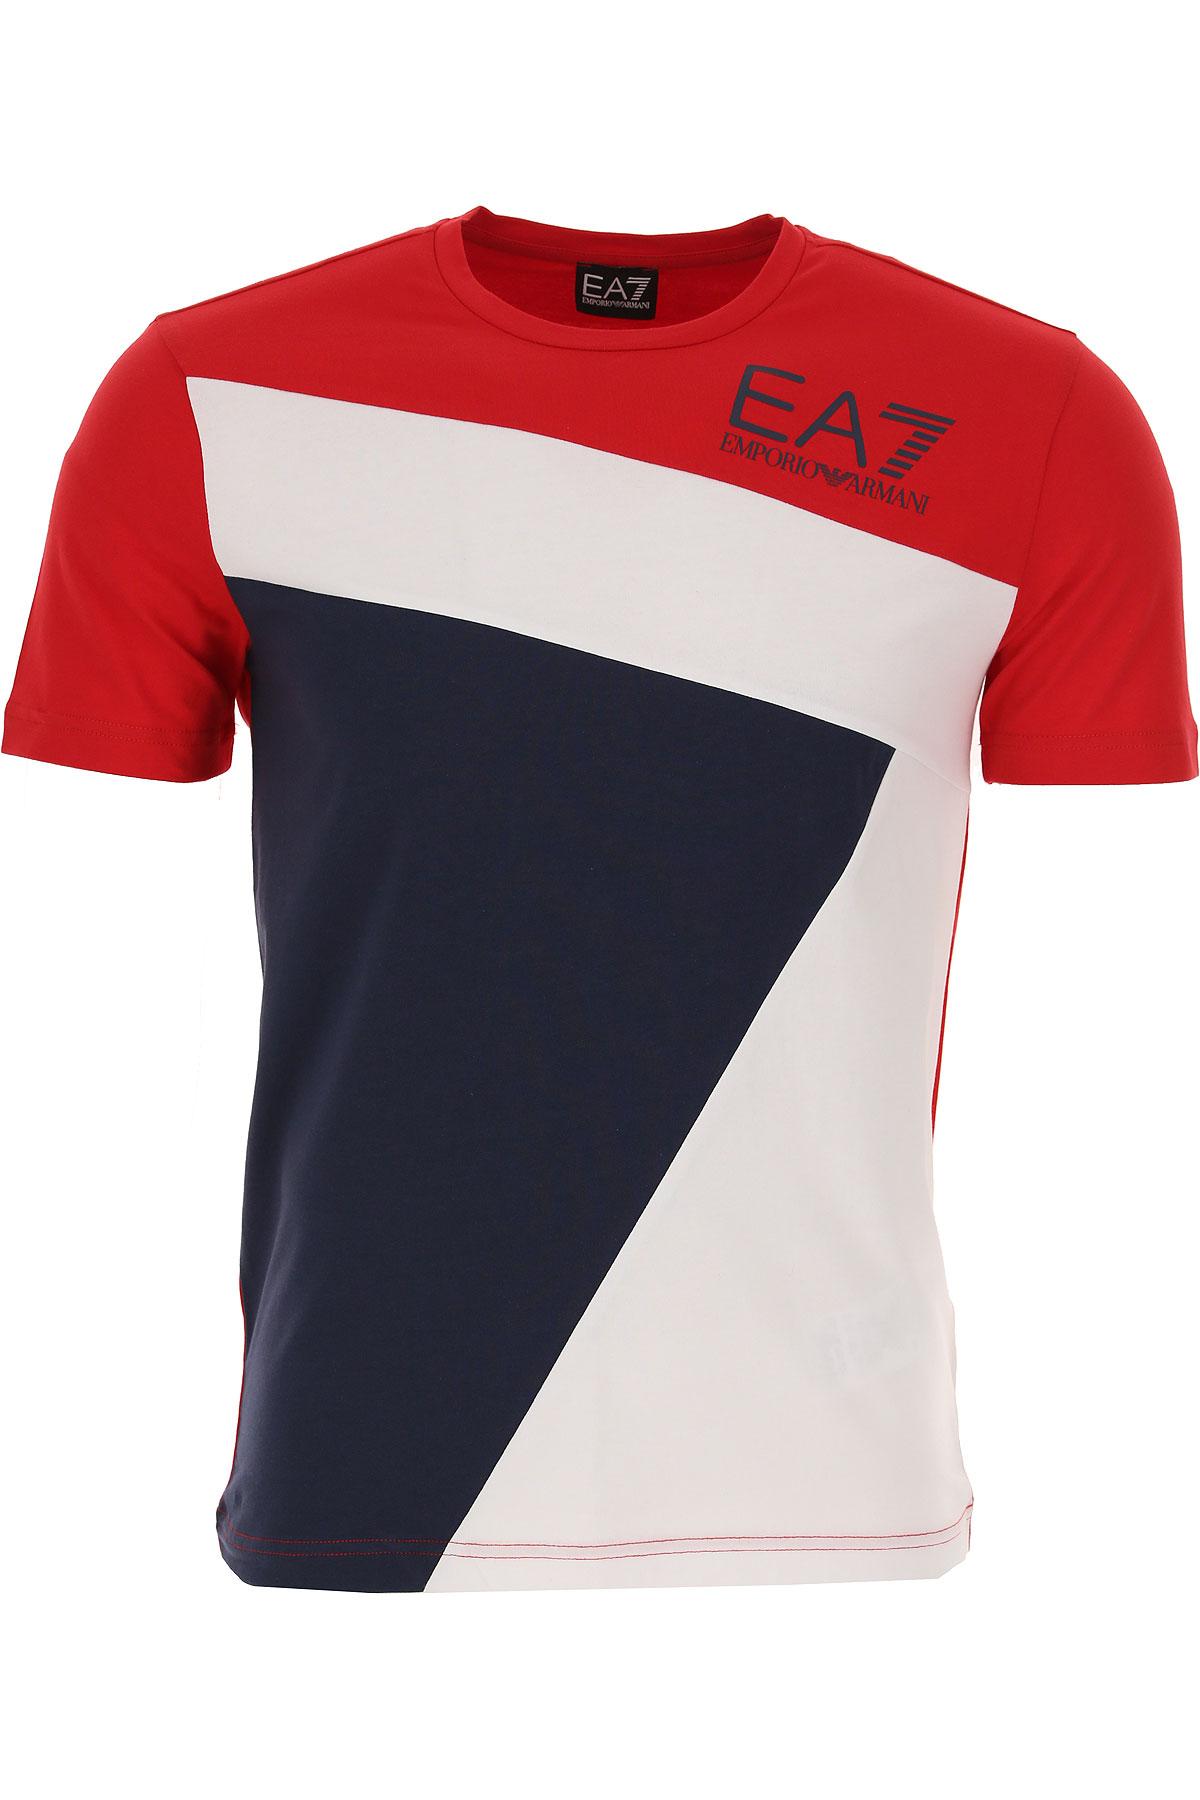 Emporio Armani T-shirt Homme Pas Cher En Soldes, Rouge, Coton, 2019, L M S XL